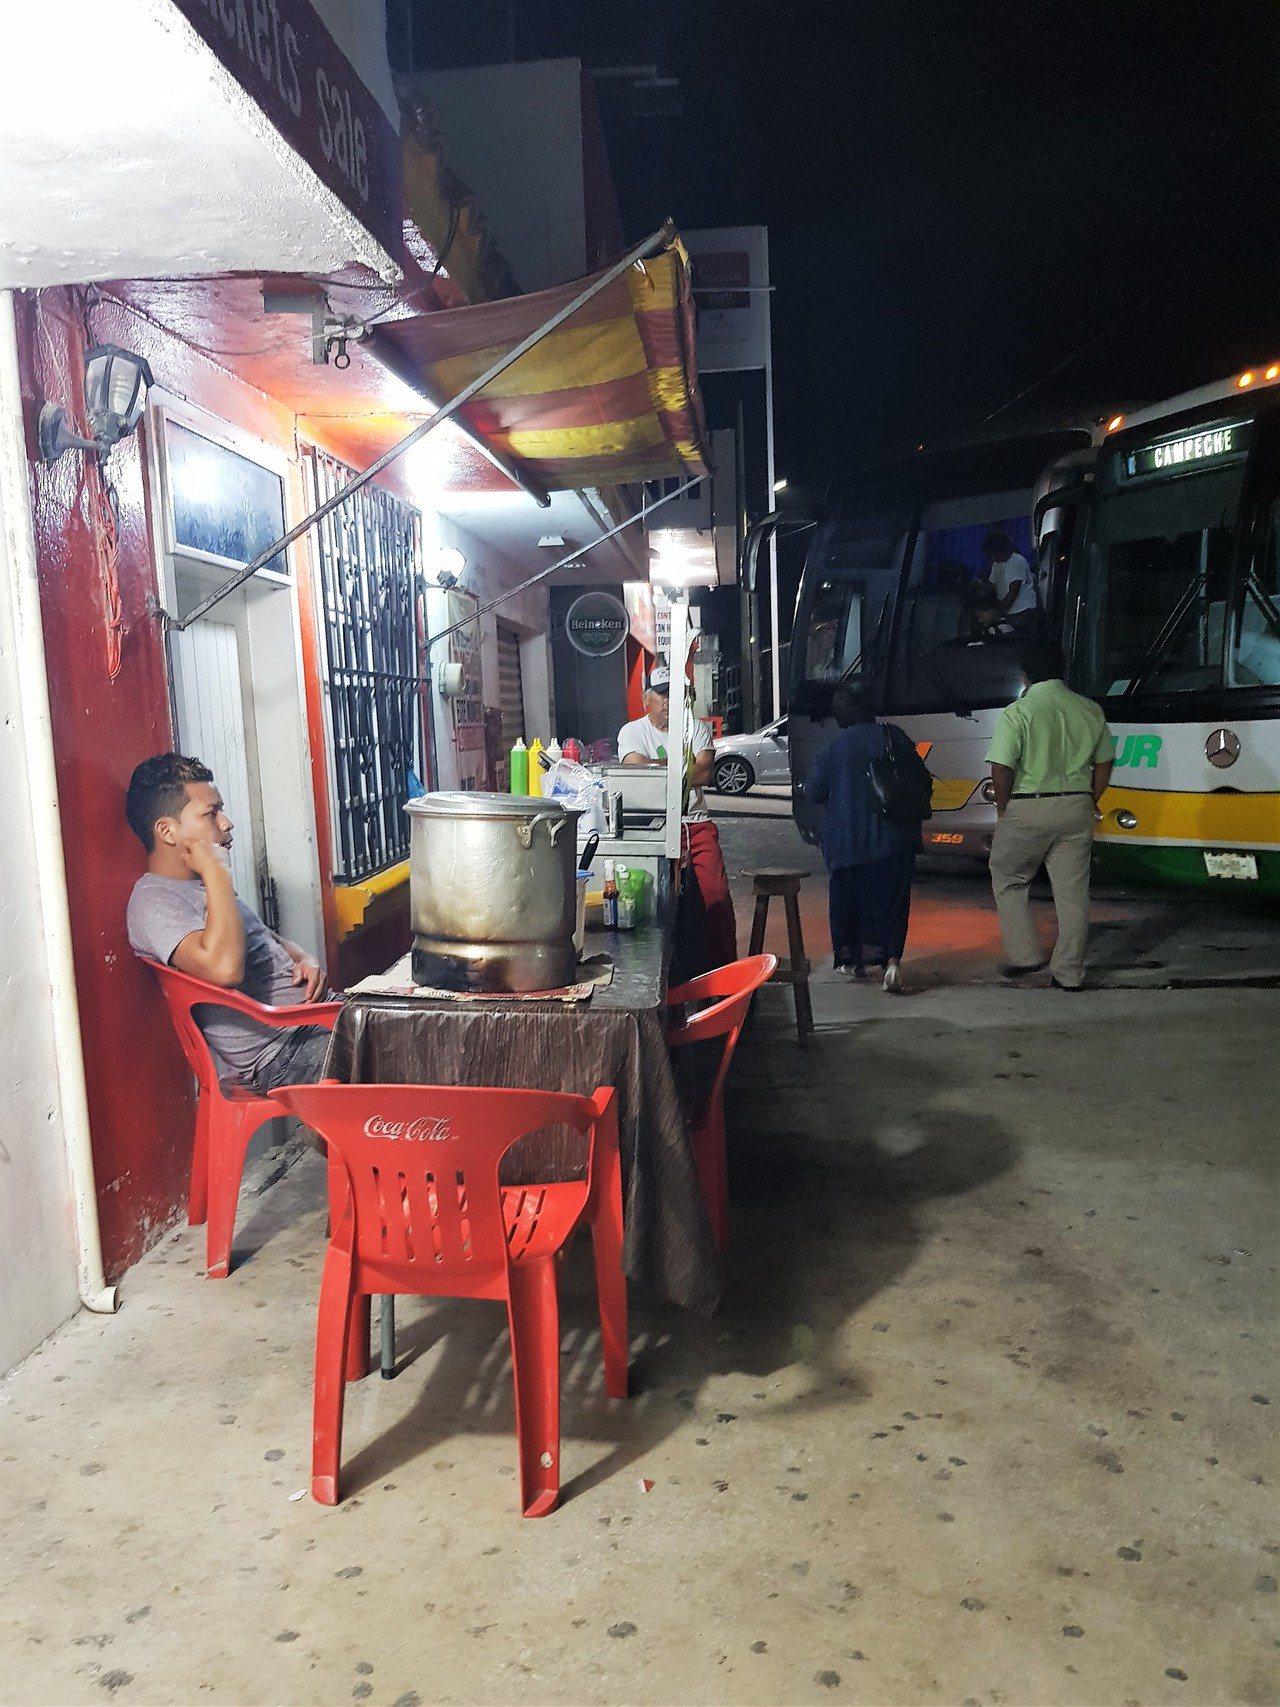 普希爾位於墨西哥主要的公路上,半夜十二點公車站旁邊還是有攤販賣食物。 文‧攝影/...